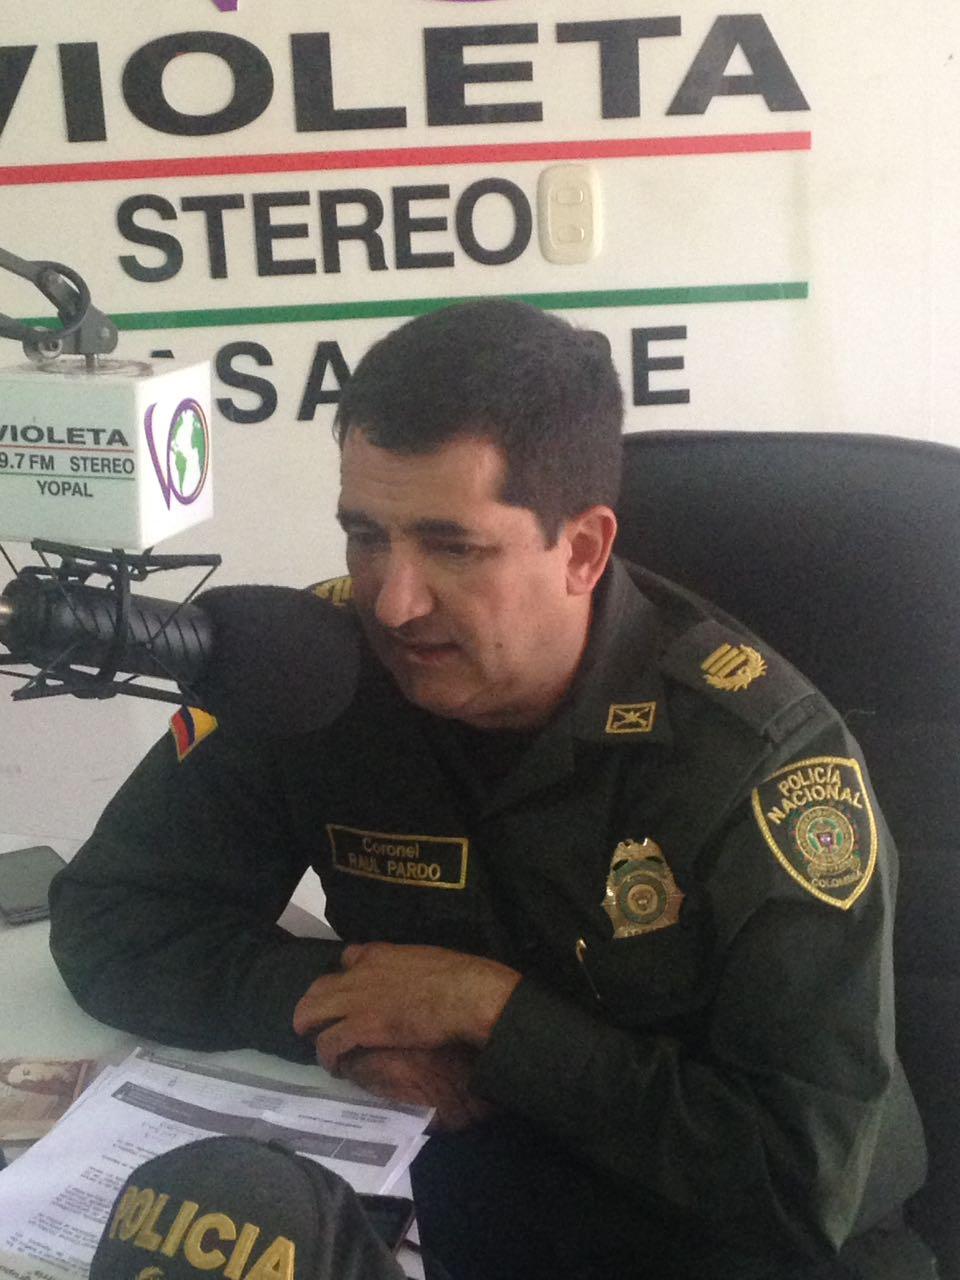 #EnAudio Relevo en la comandancia del departamento de Policía Casanare. El coronel Raúl Pardo será destacado como agregado policial en la embajada de Francia y será reemplazado por el también coronel José Luis Ramírez Hinestroza, quien viene de la sub comandancia  de la metropolitana de Villavicencio.